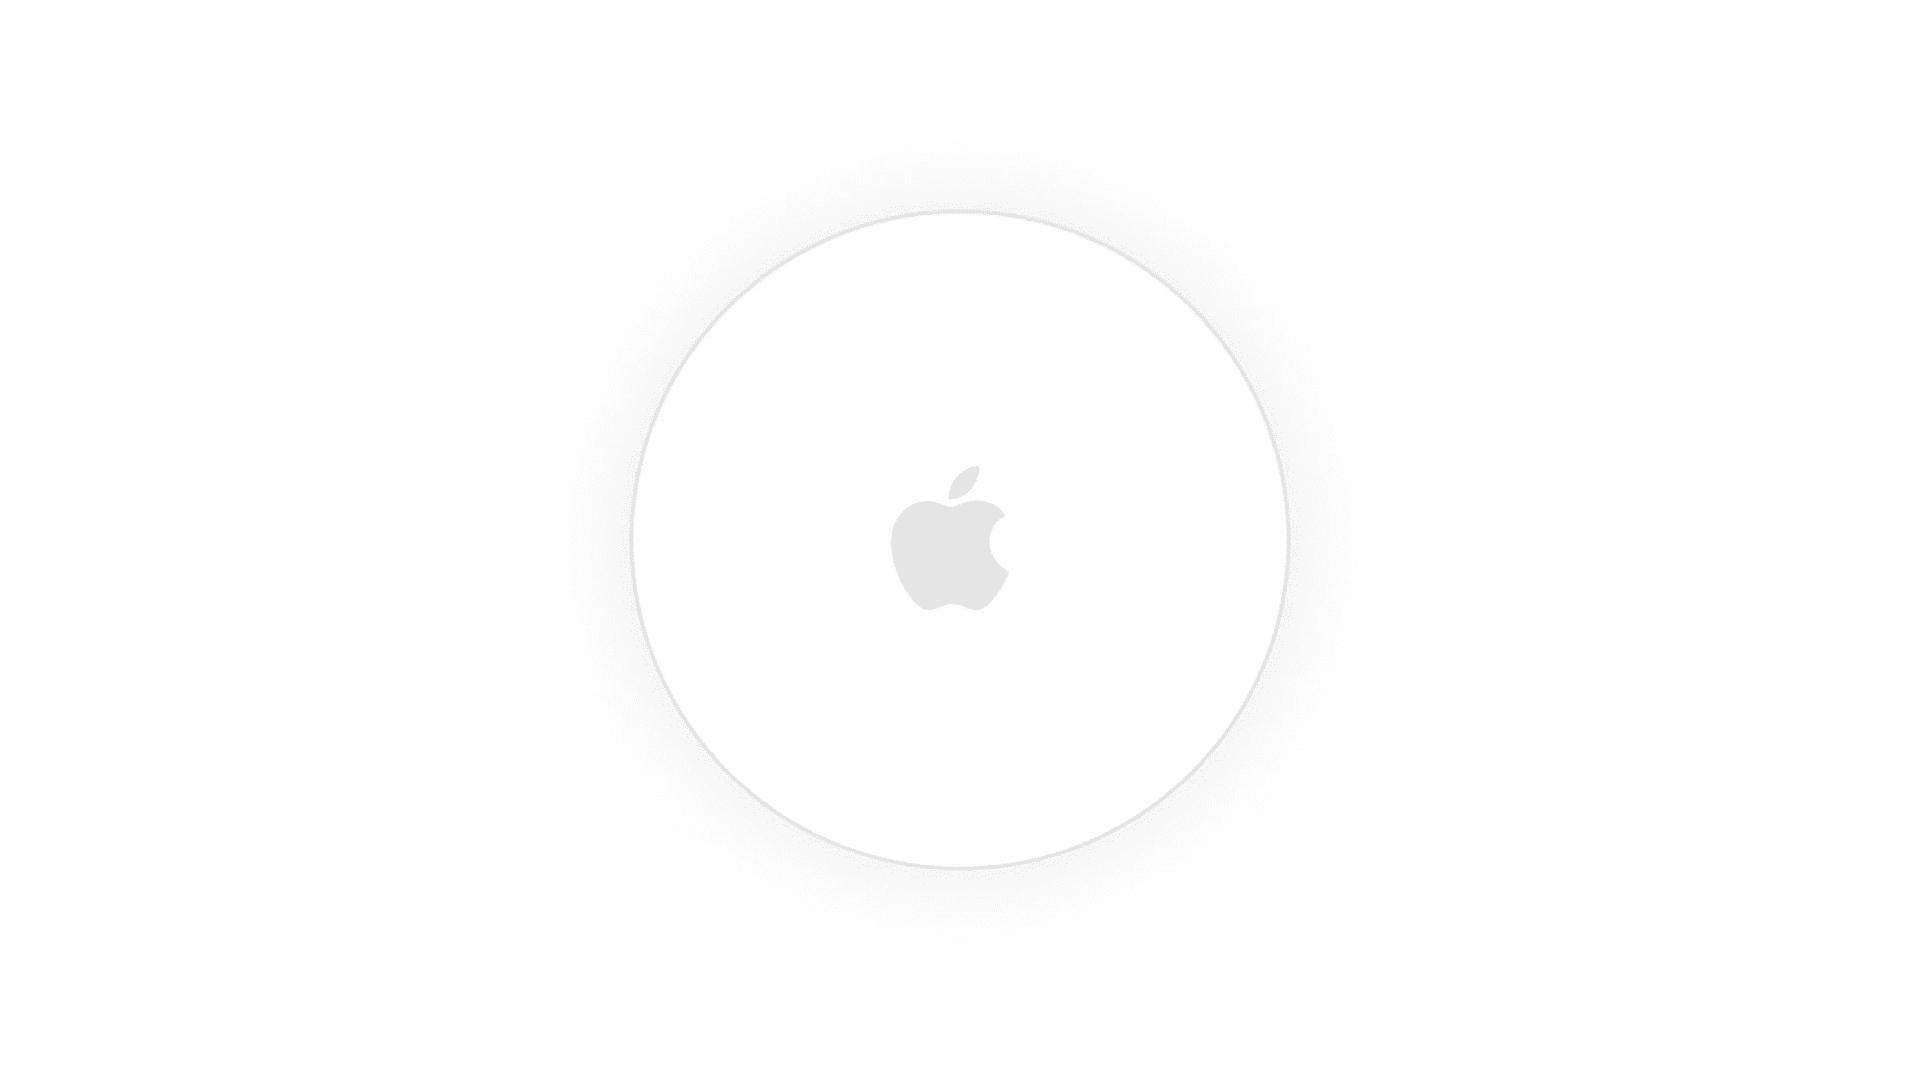 nový apple produkt